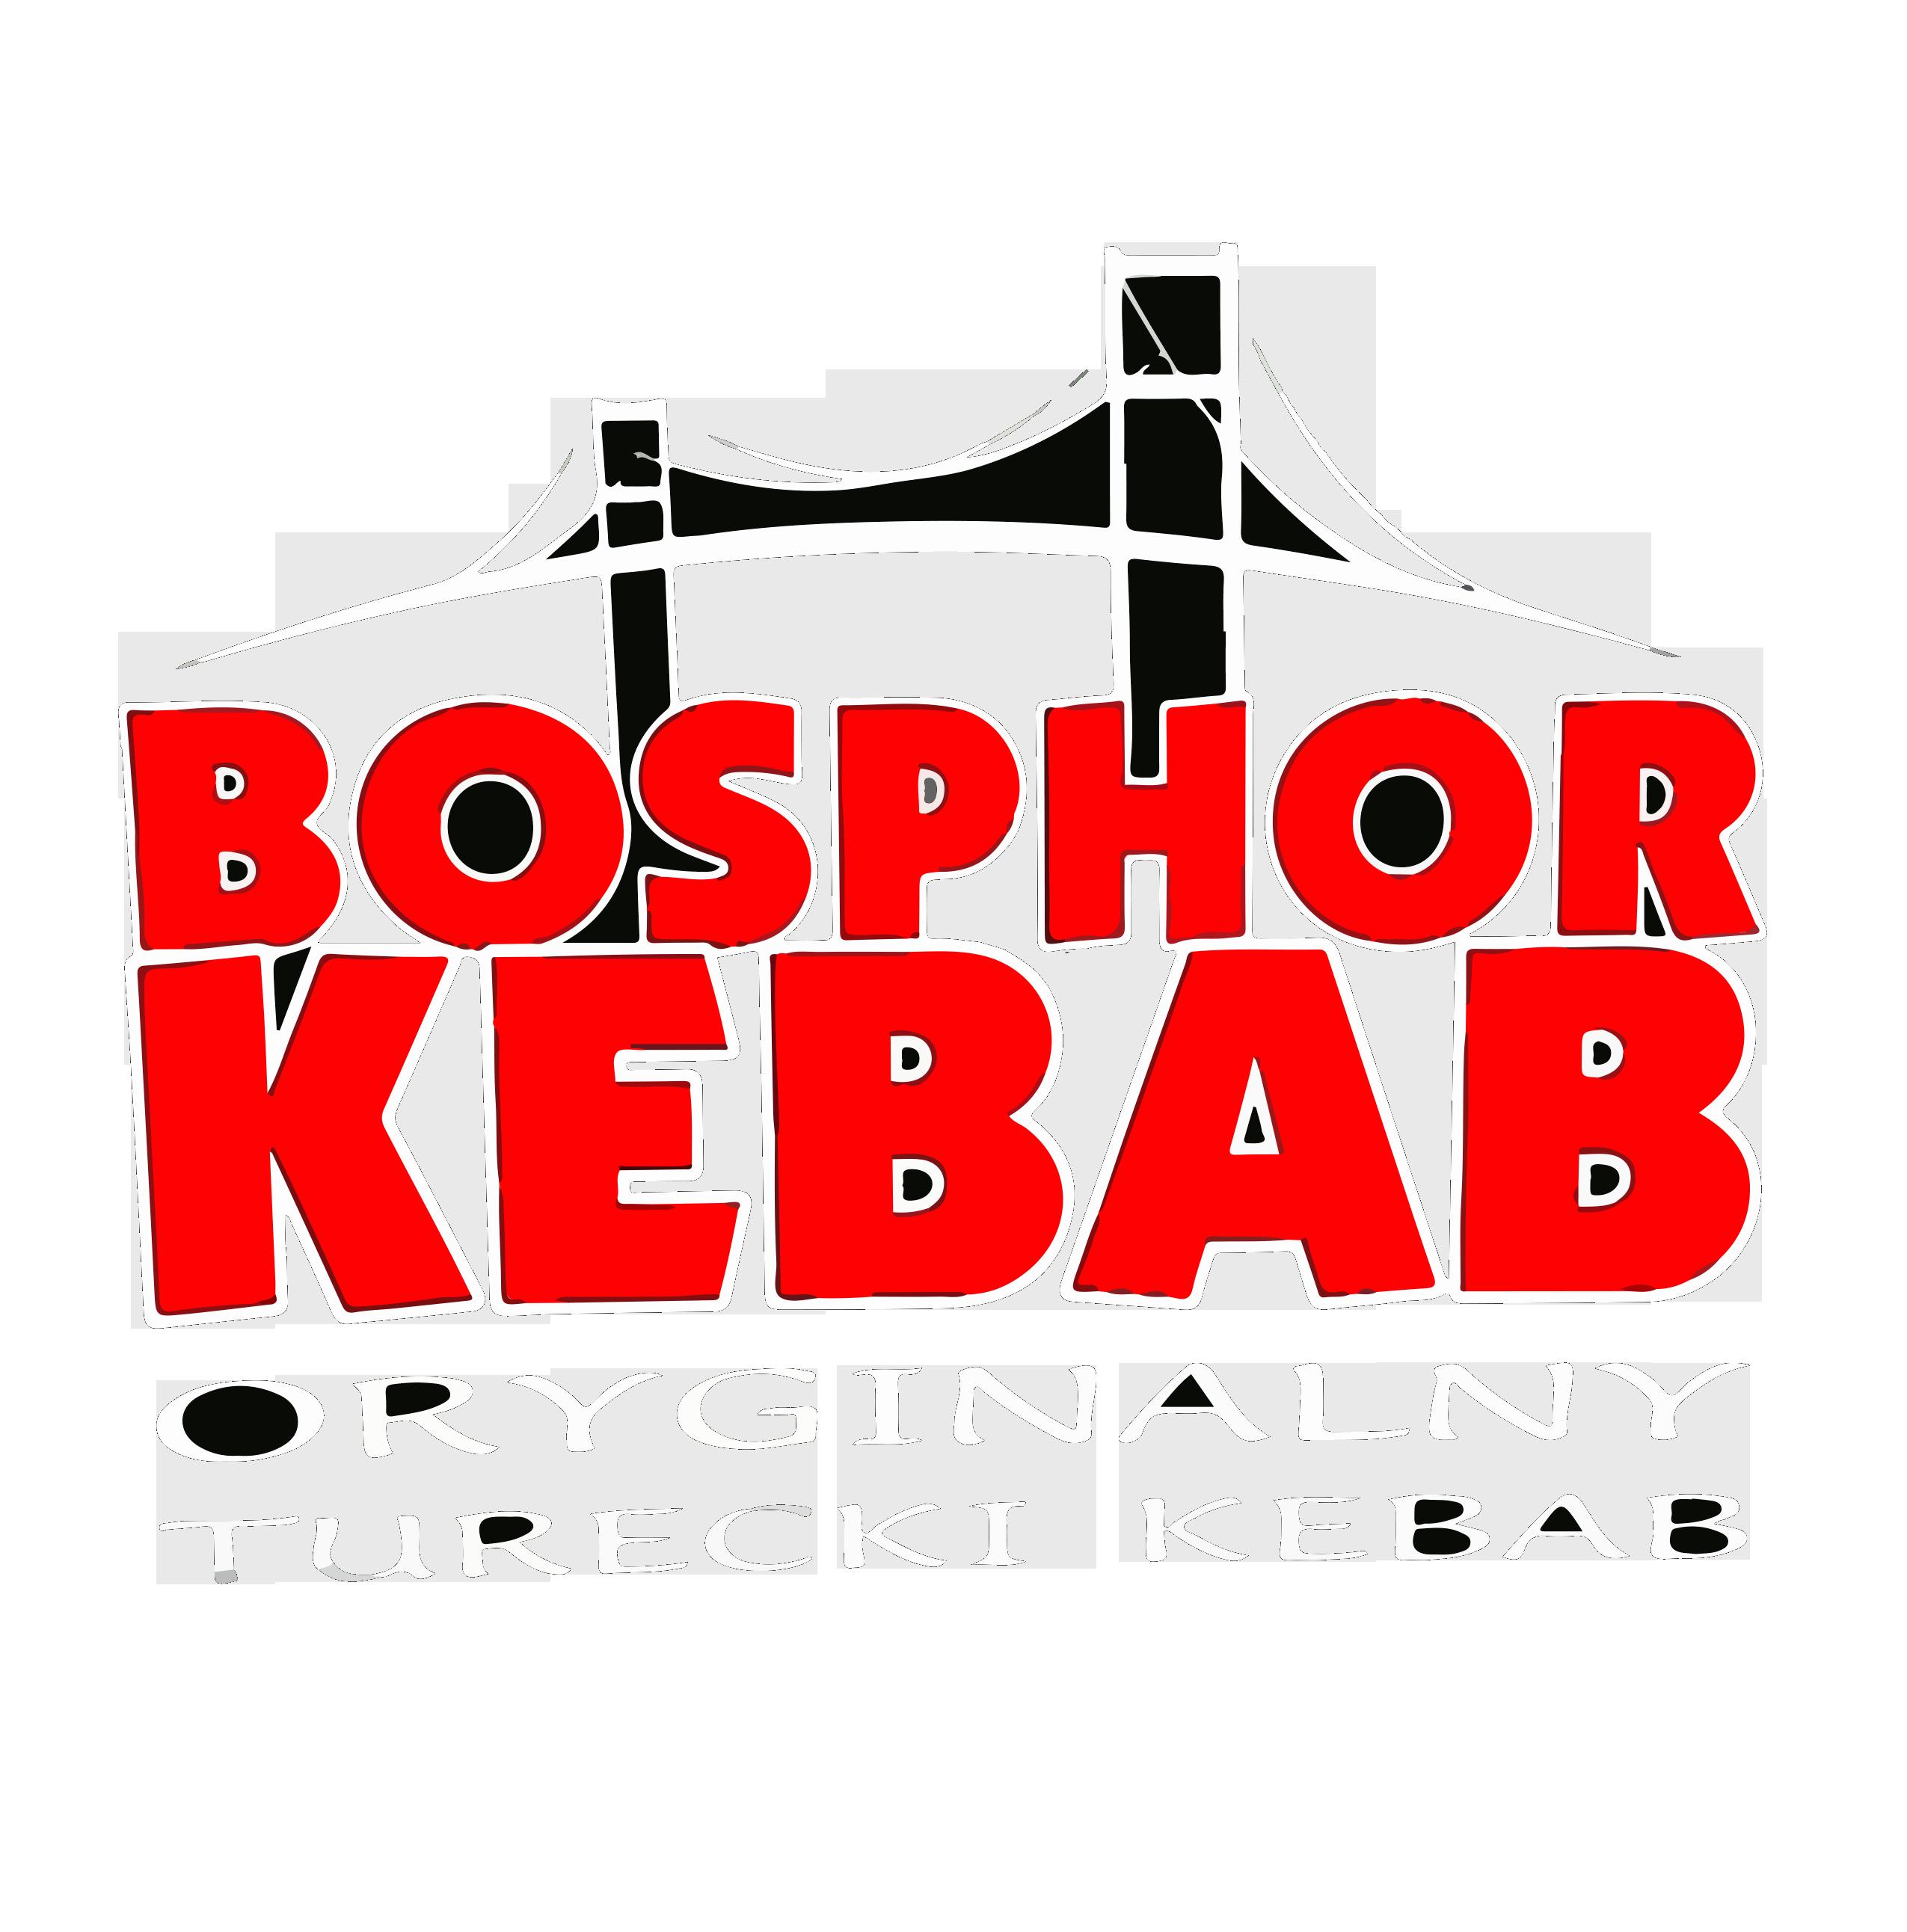 Bosphor